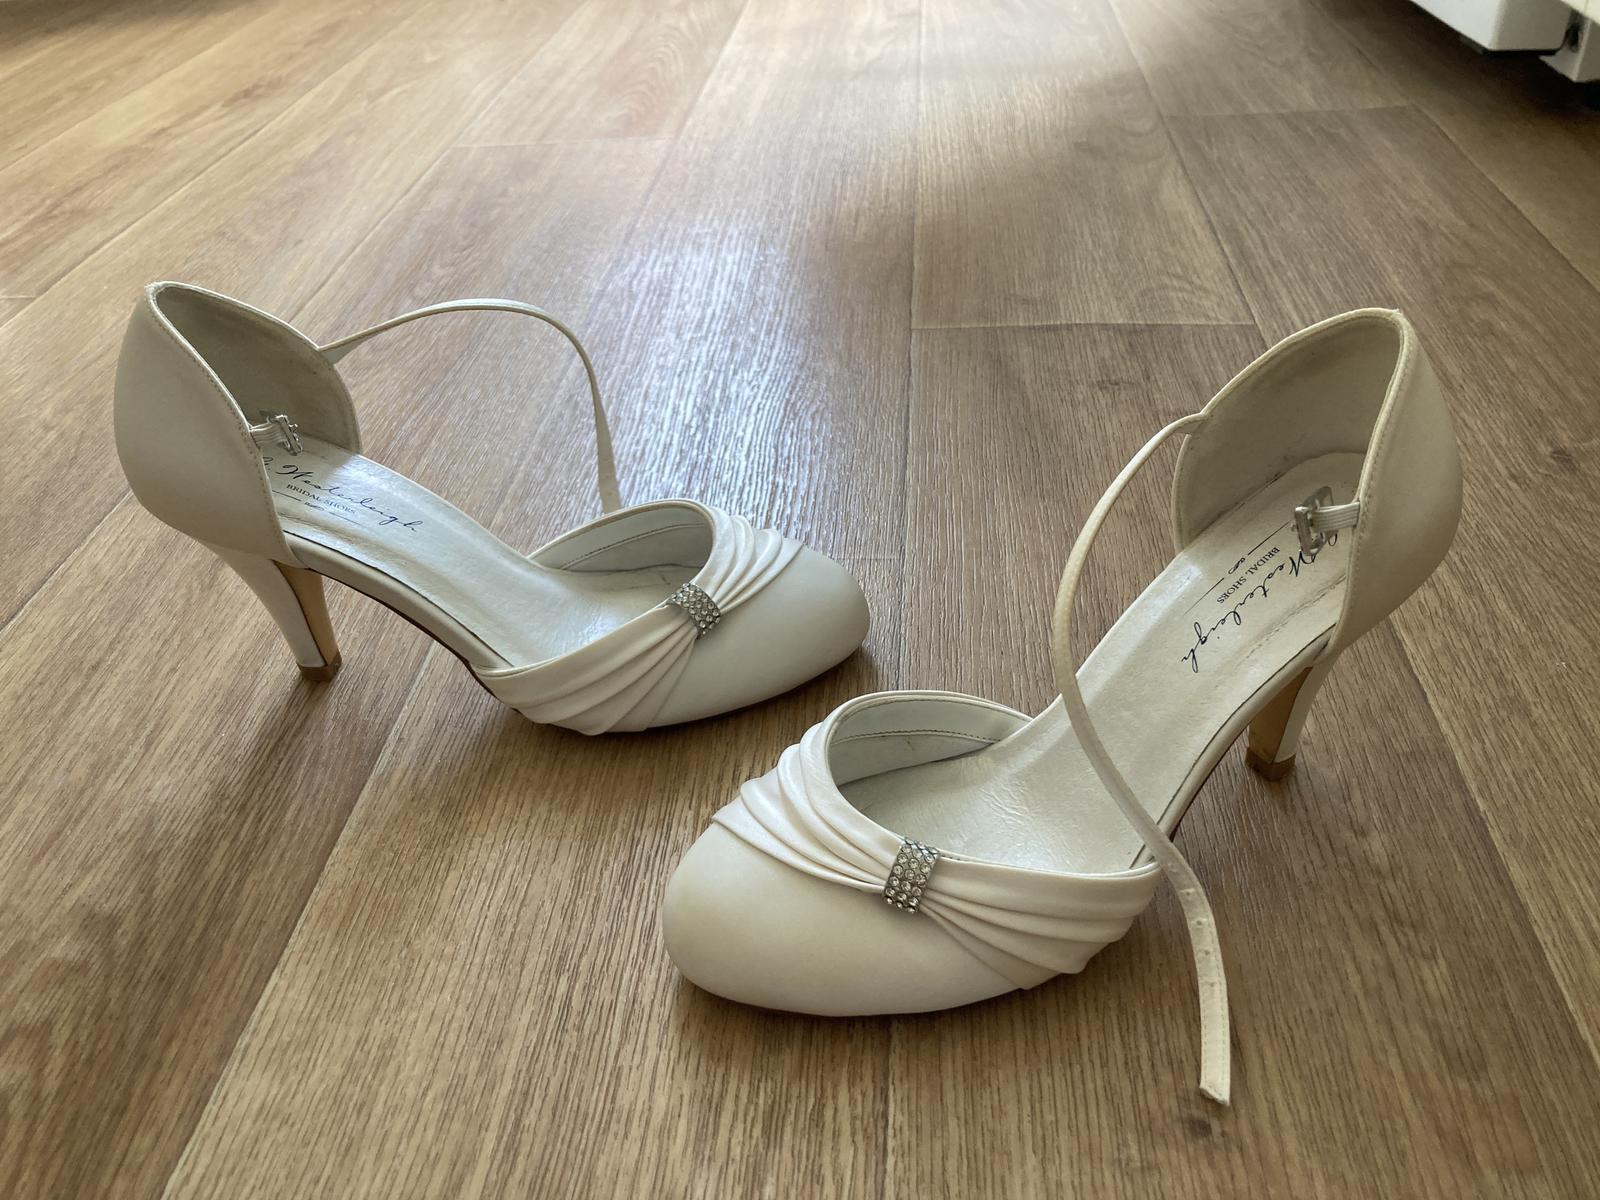 svadobné topánky veľkosť 37 - Obrázok č. 1